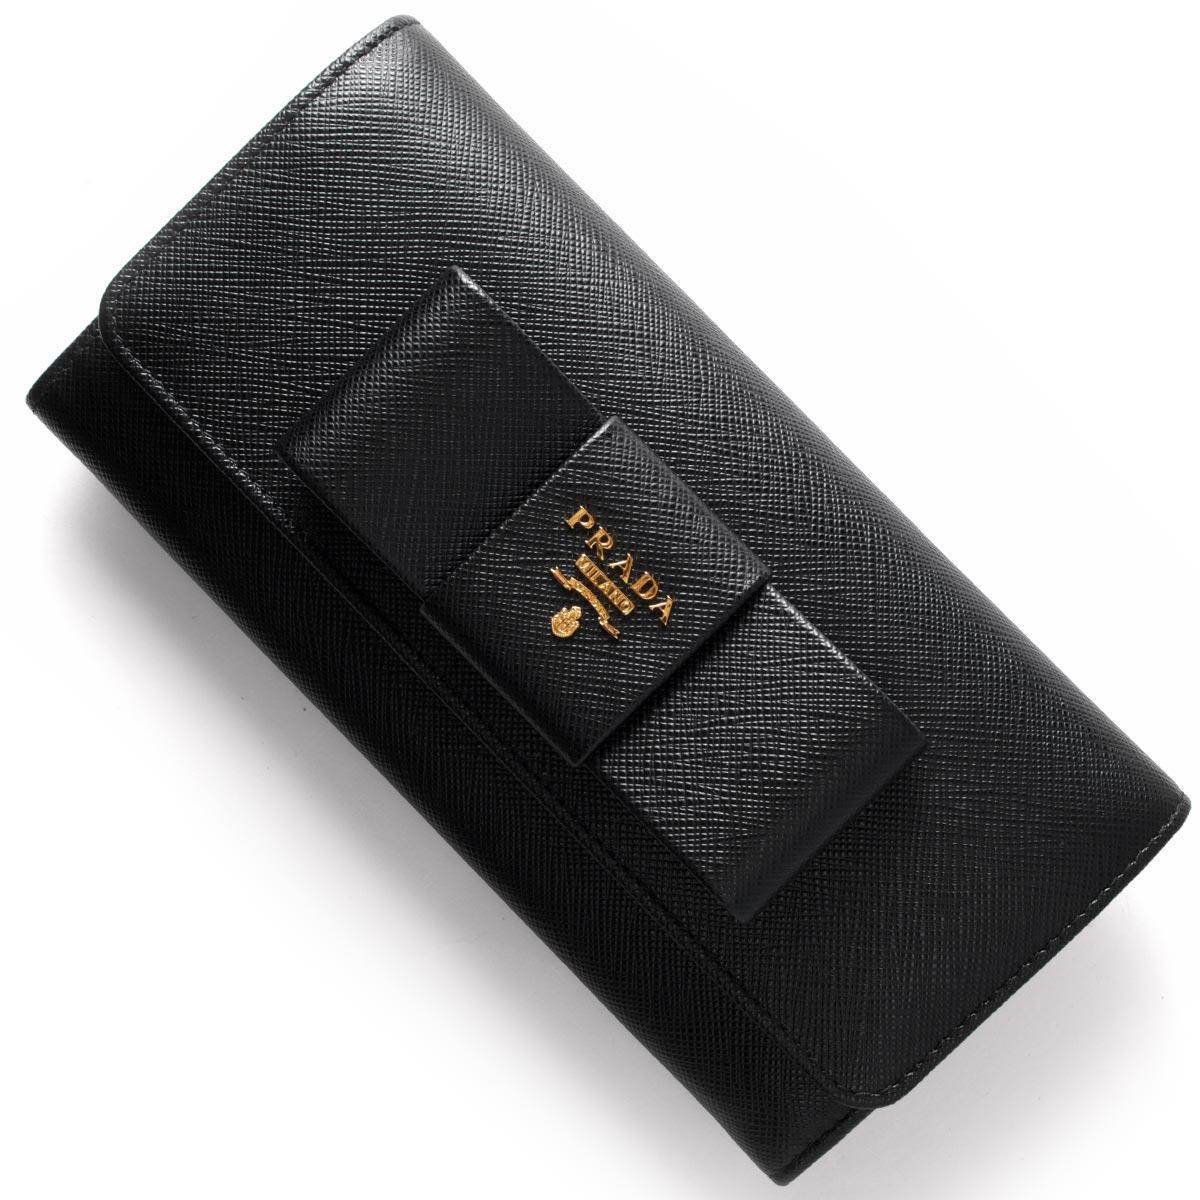 プラダ 長財布 財布 レディース サフィアーノ フィオッコ ブラック 1MH132 ZTM F0002 PRADA